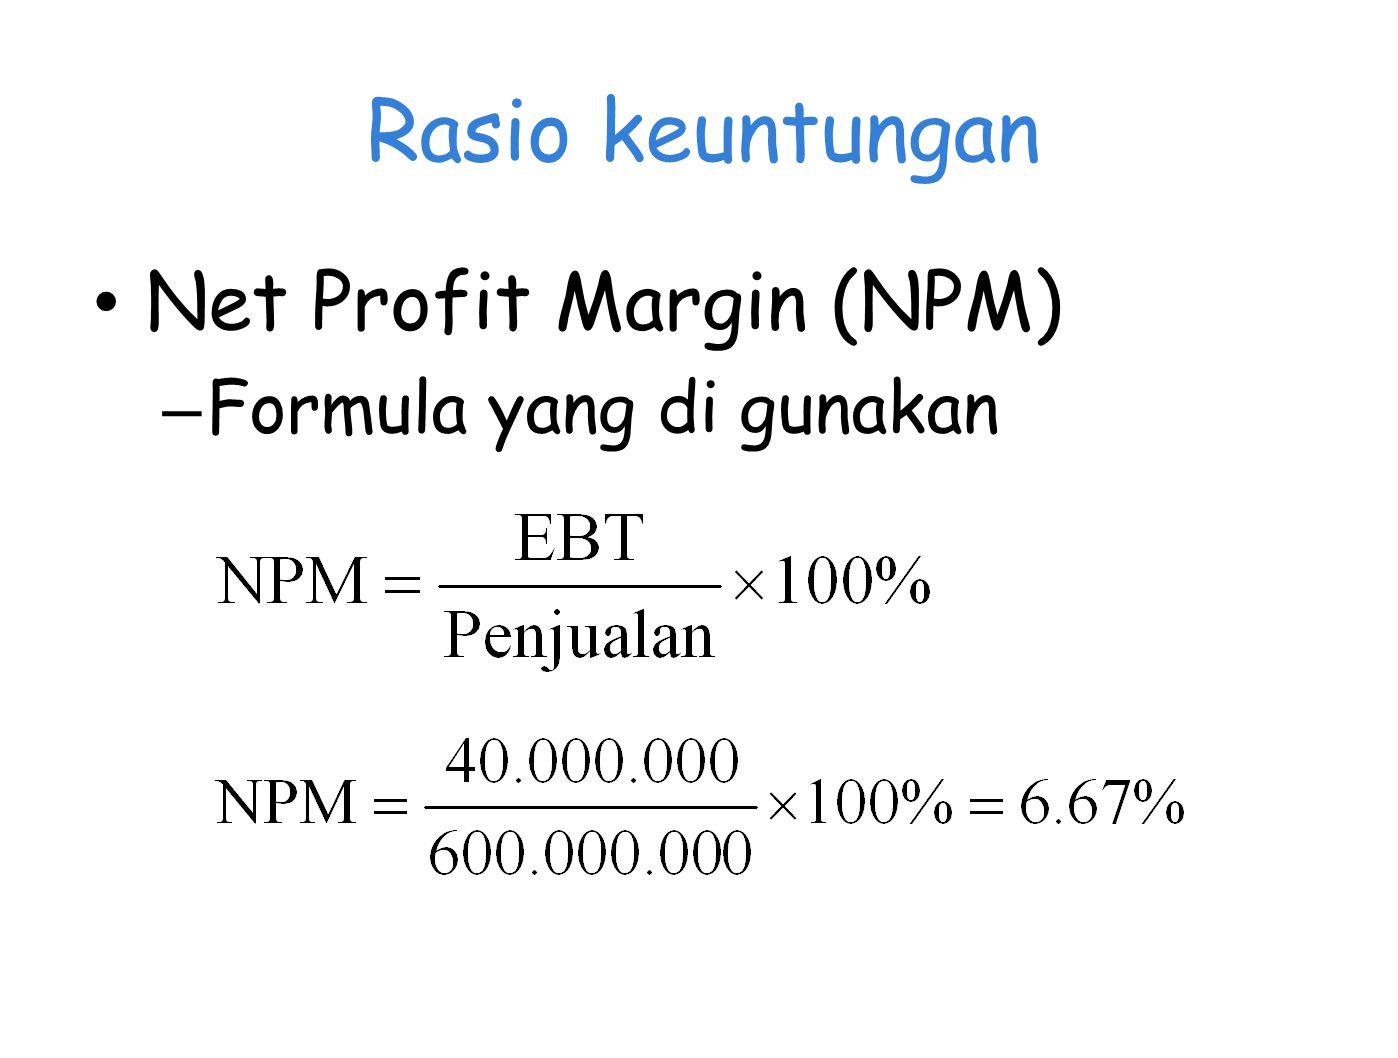 Rasio keuntungan Net Profit Margin (NPM) – Formula yang di gunakan